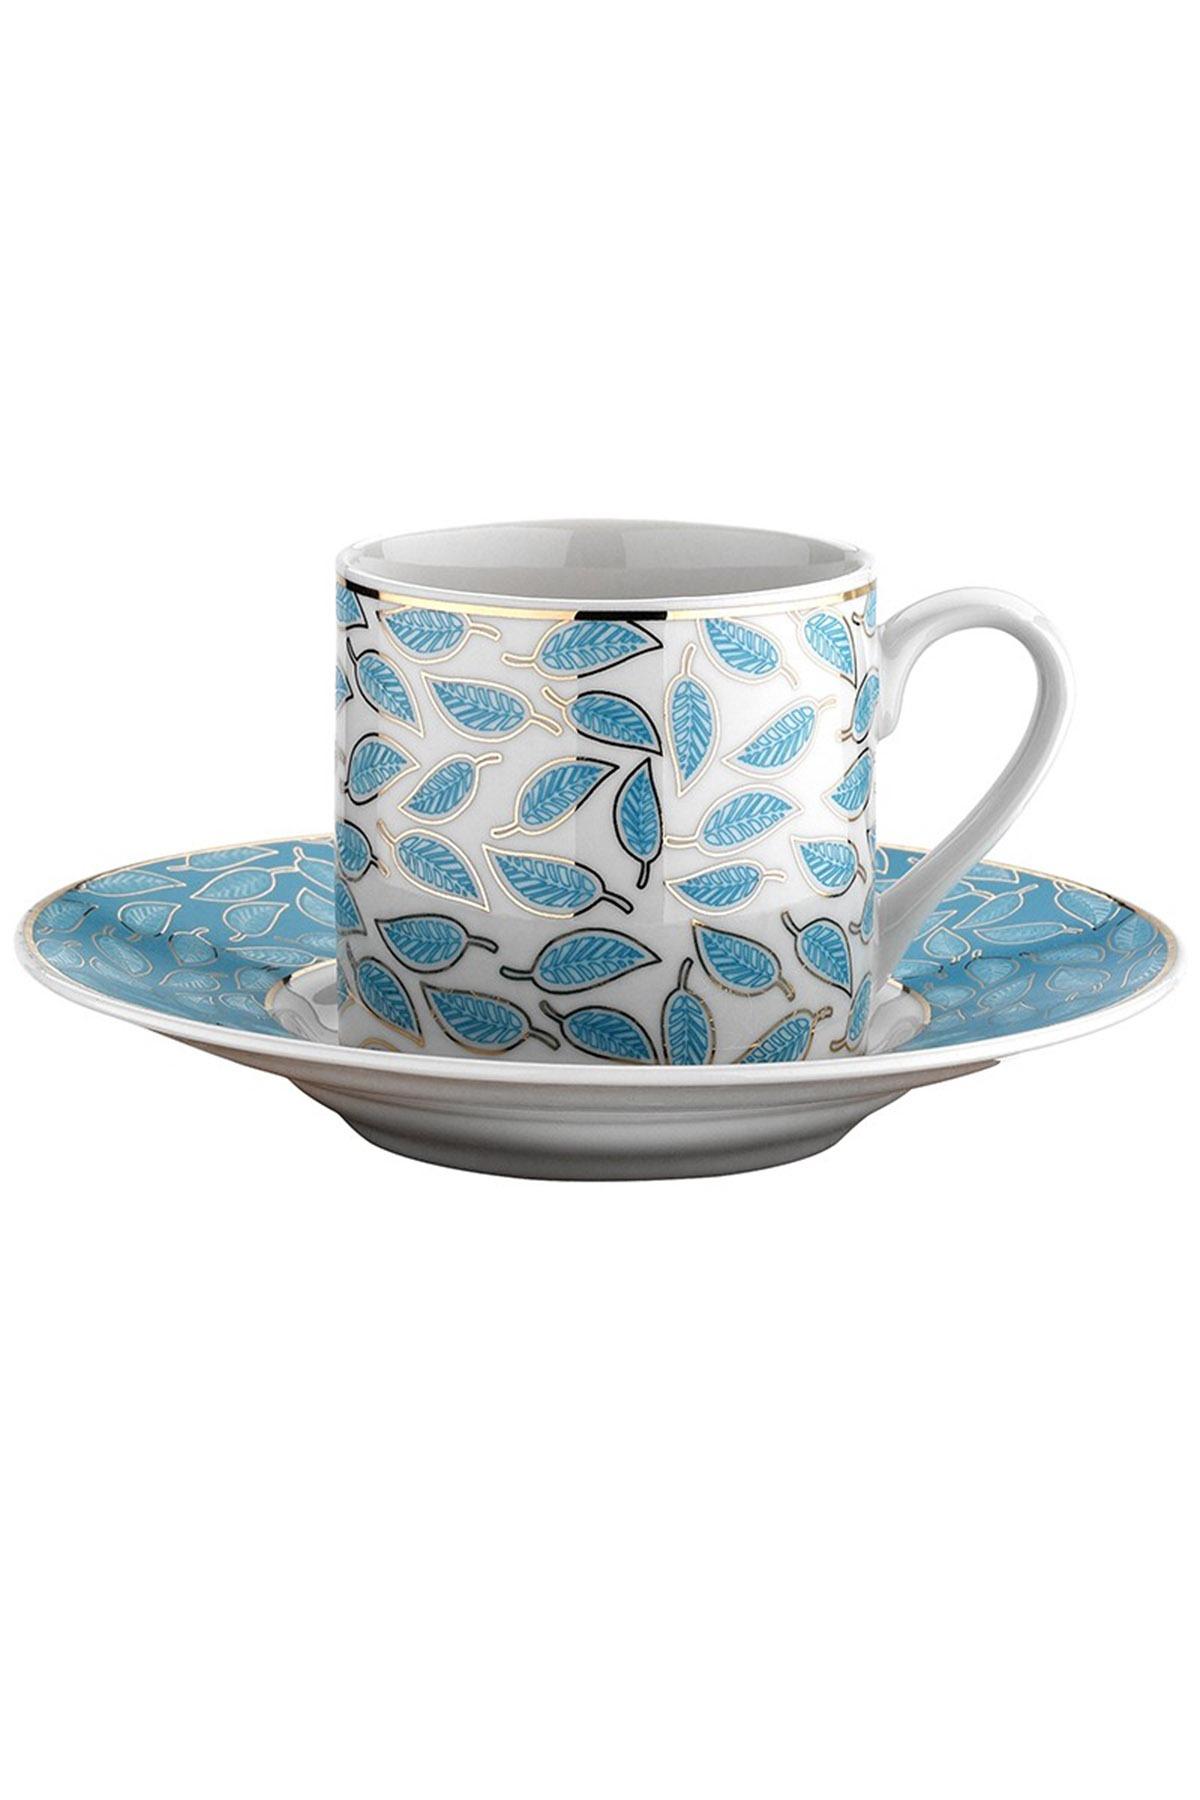 Kütahya Porselen - Kütahya Porselen Rüya 77491 Desen Kahve Fincan Takımı